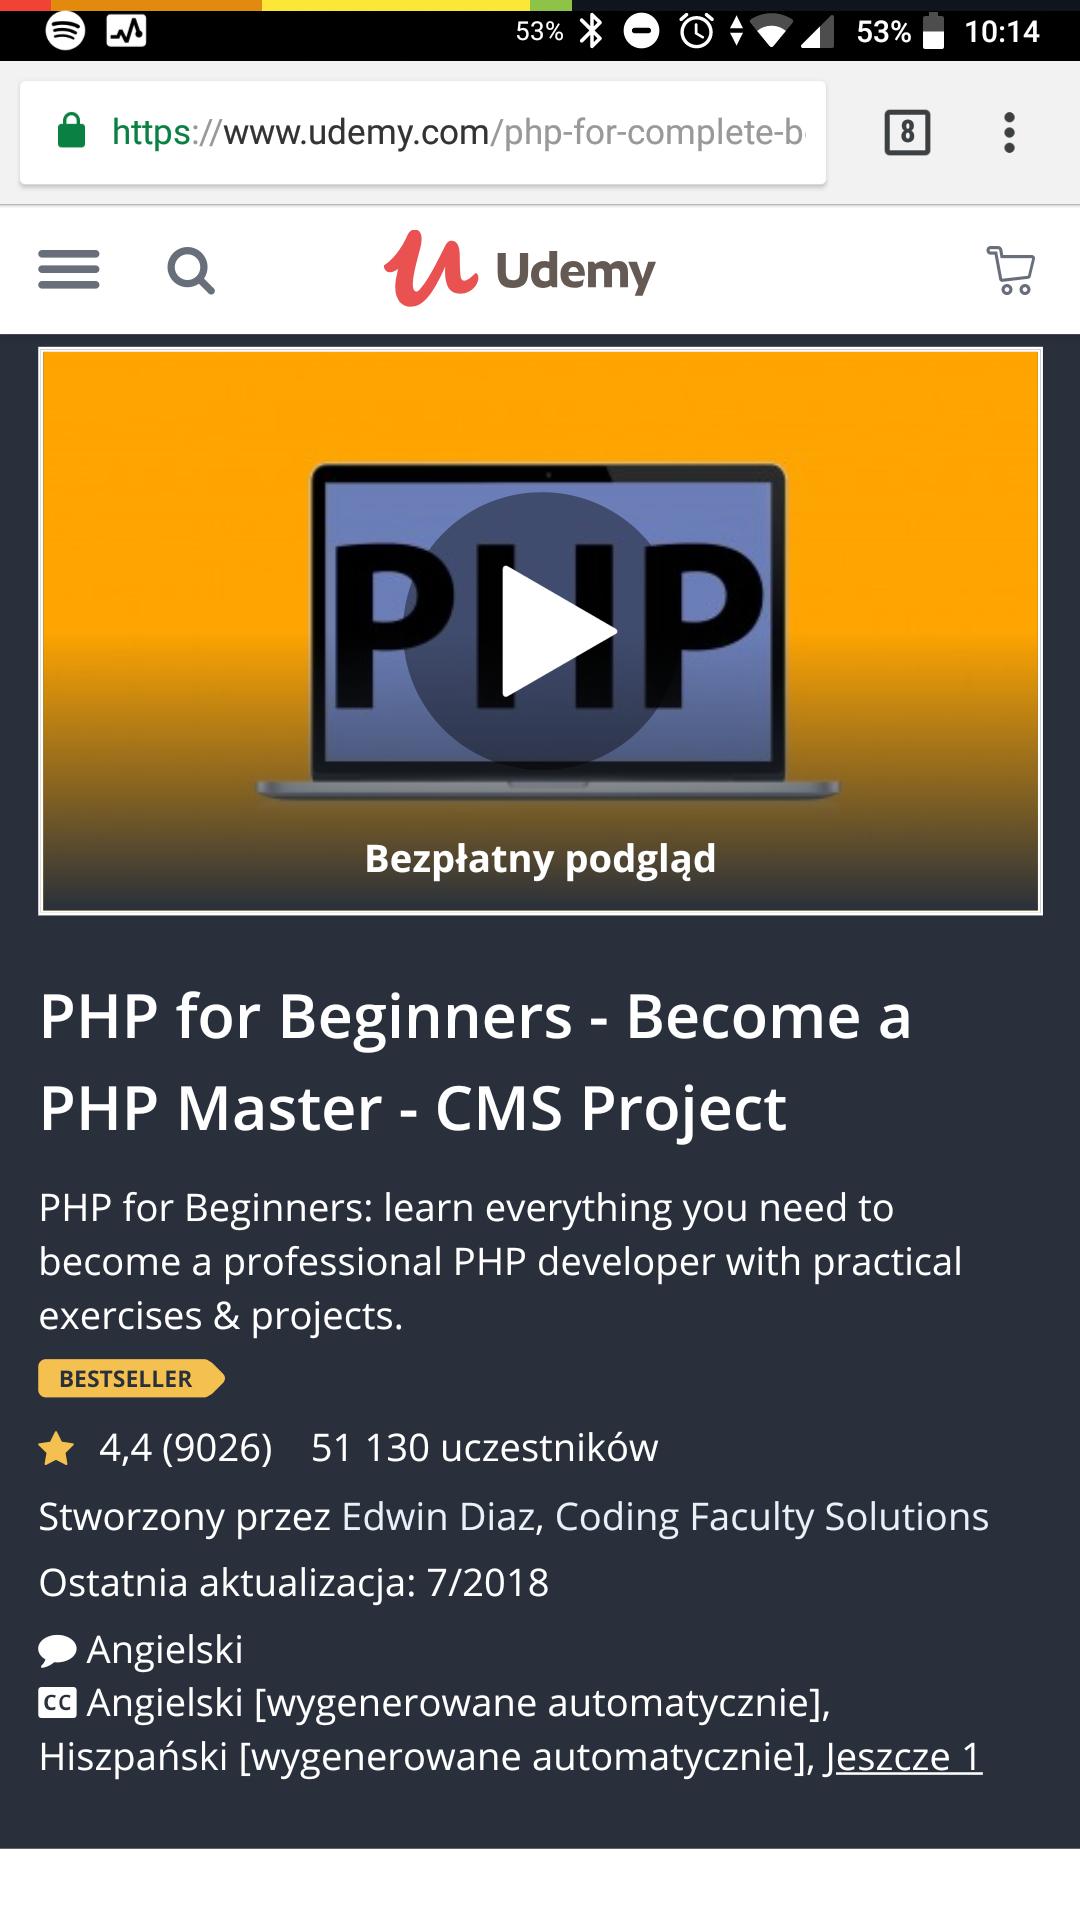 Kurs PHP dla początkujących 36 godzin kurs online w przeglądarce